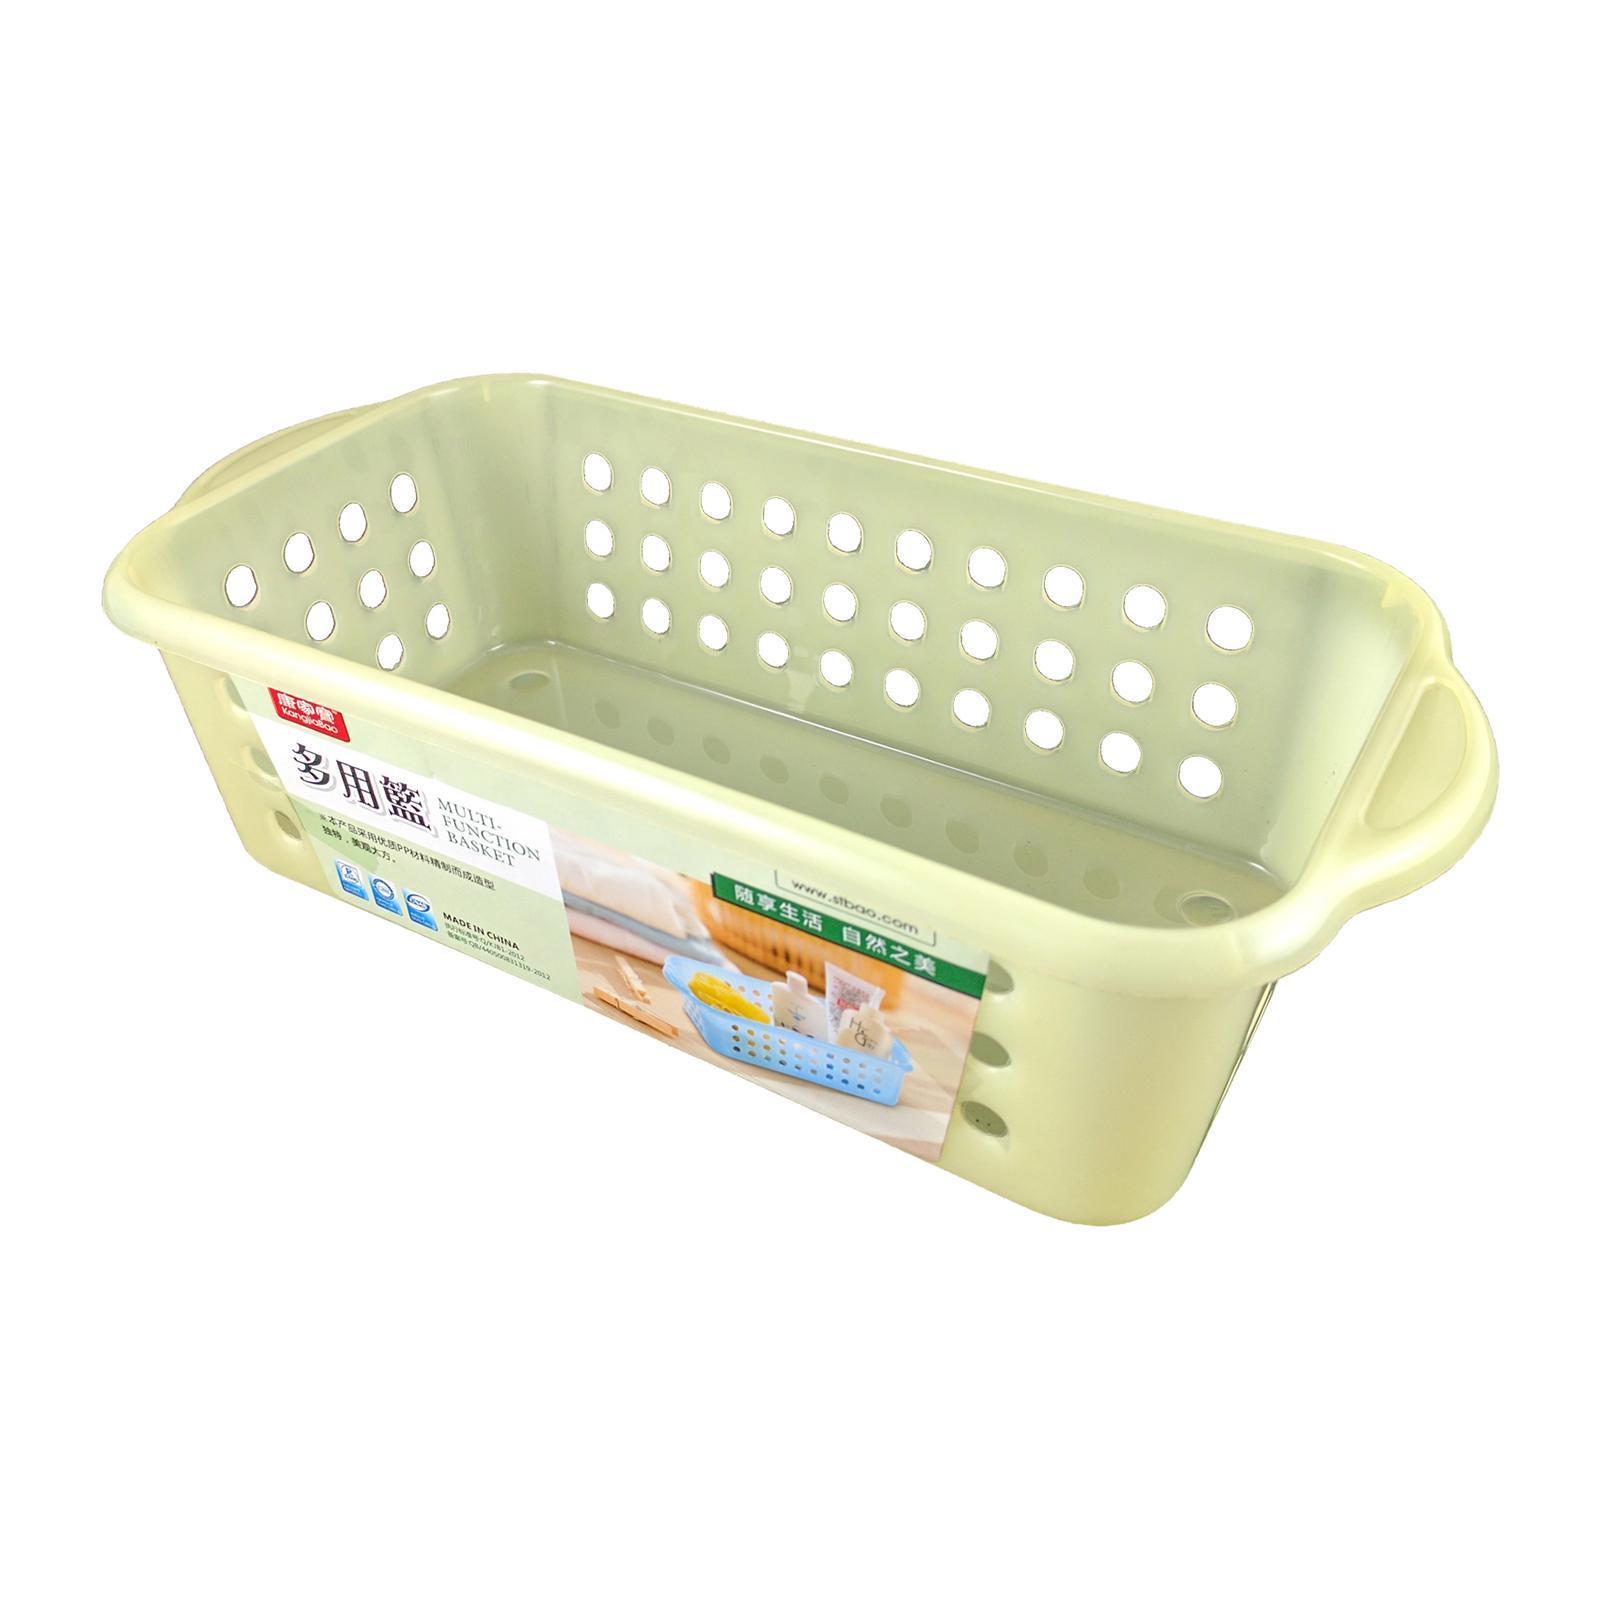 KangjiaBao Plastic Organiser Tray (2 Per Pack) - Yellow